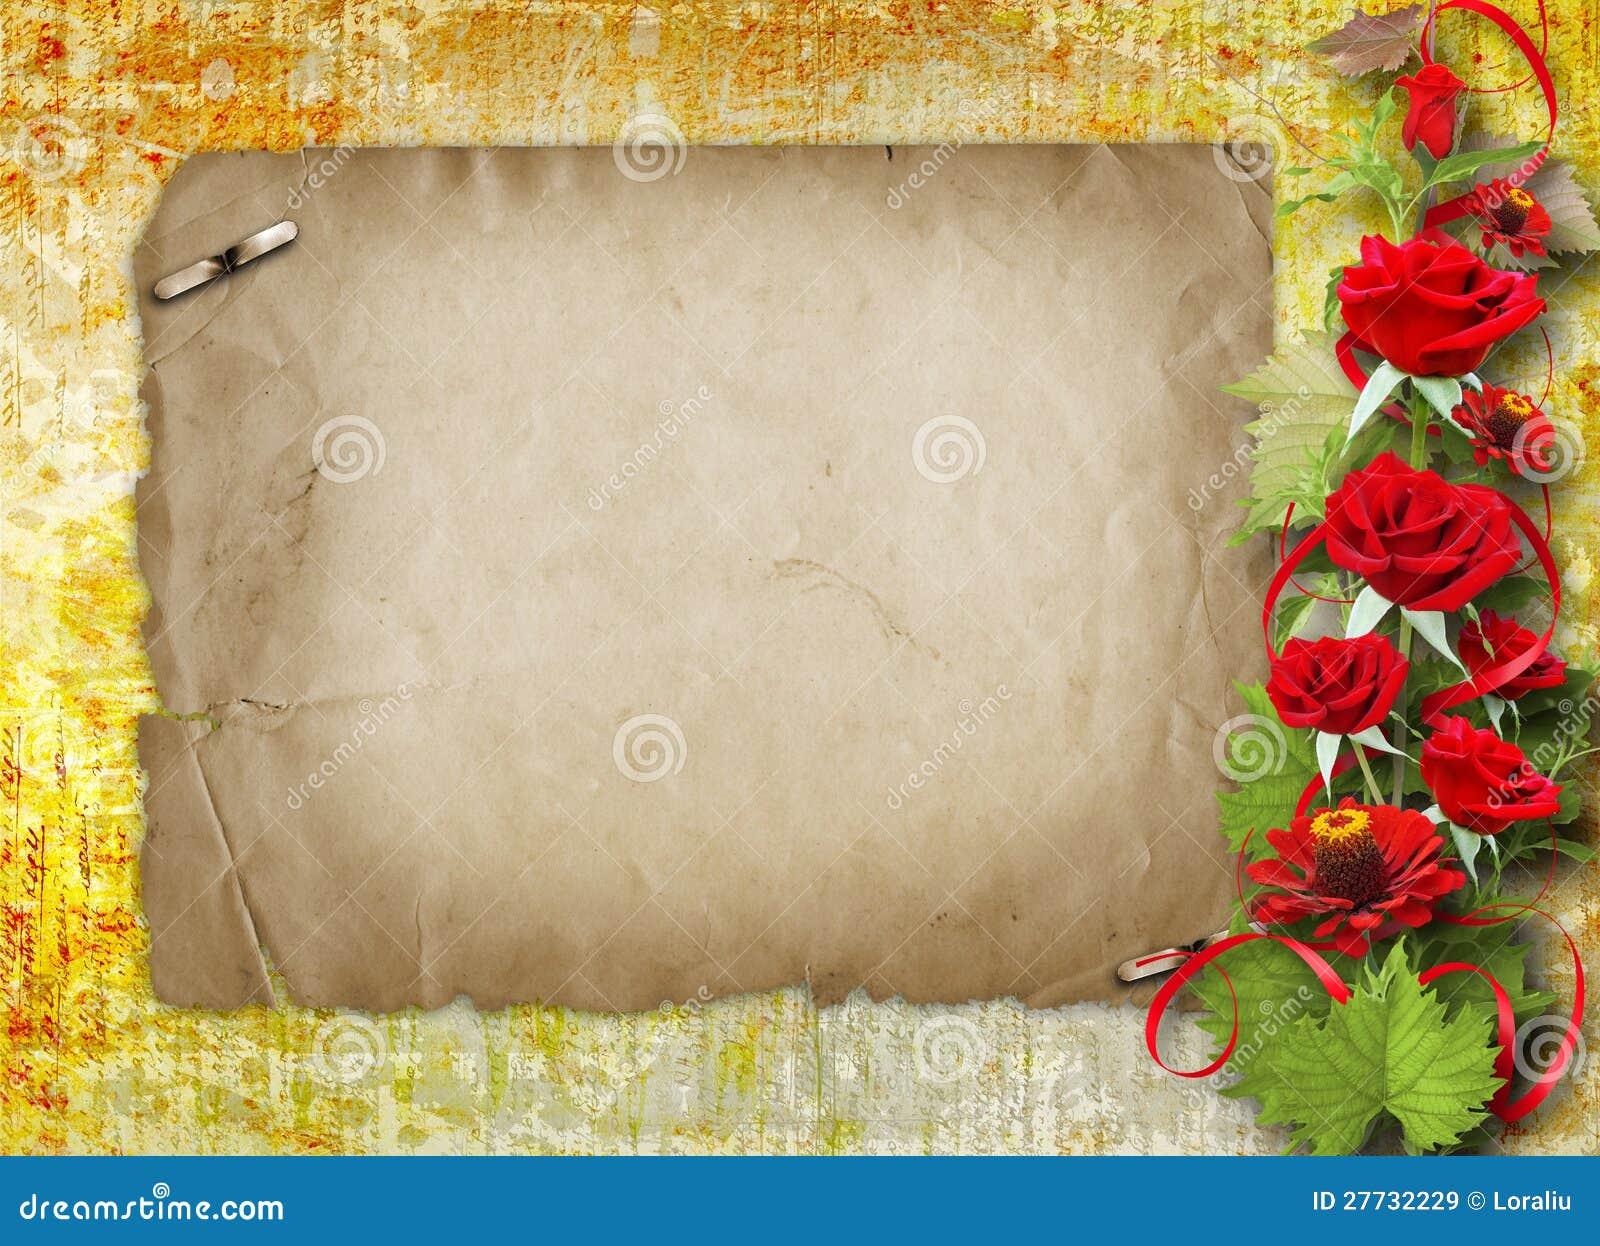 Karte für Glückwunsch mit roten Rosen